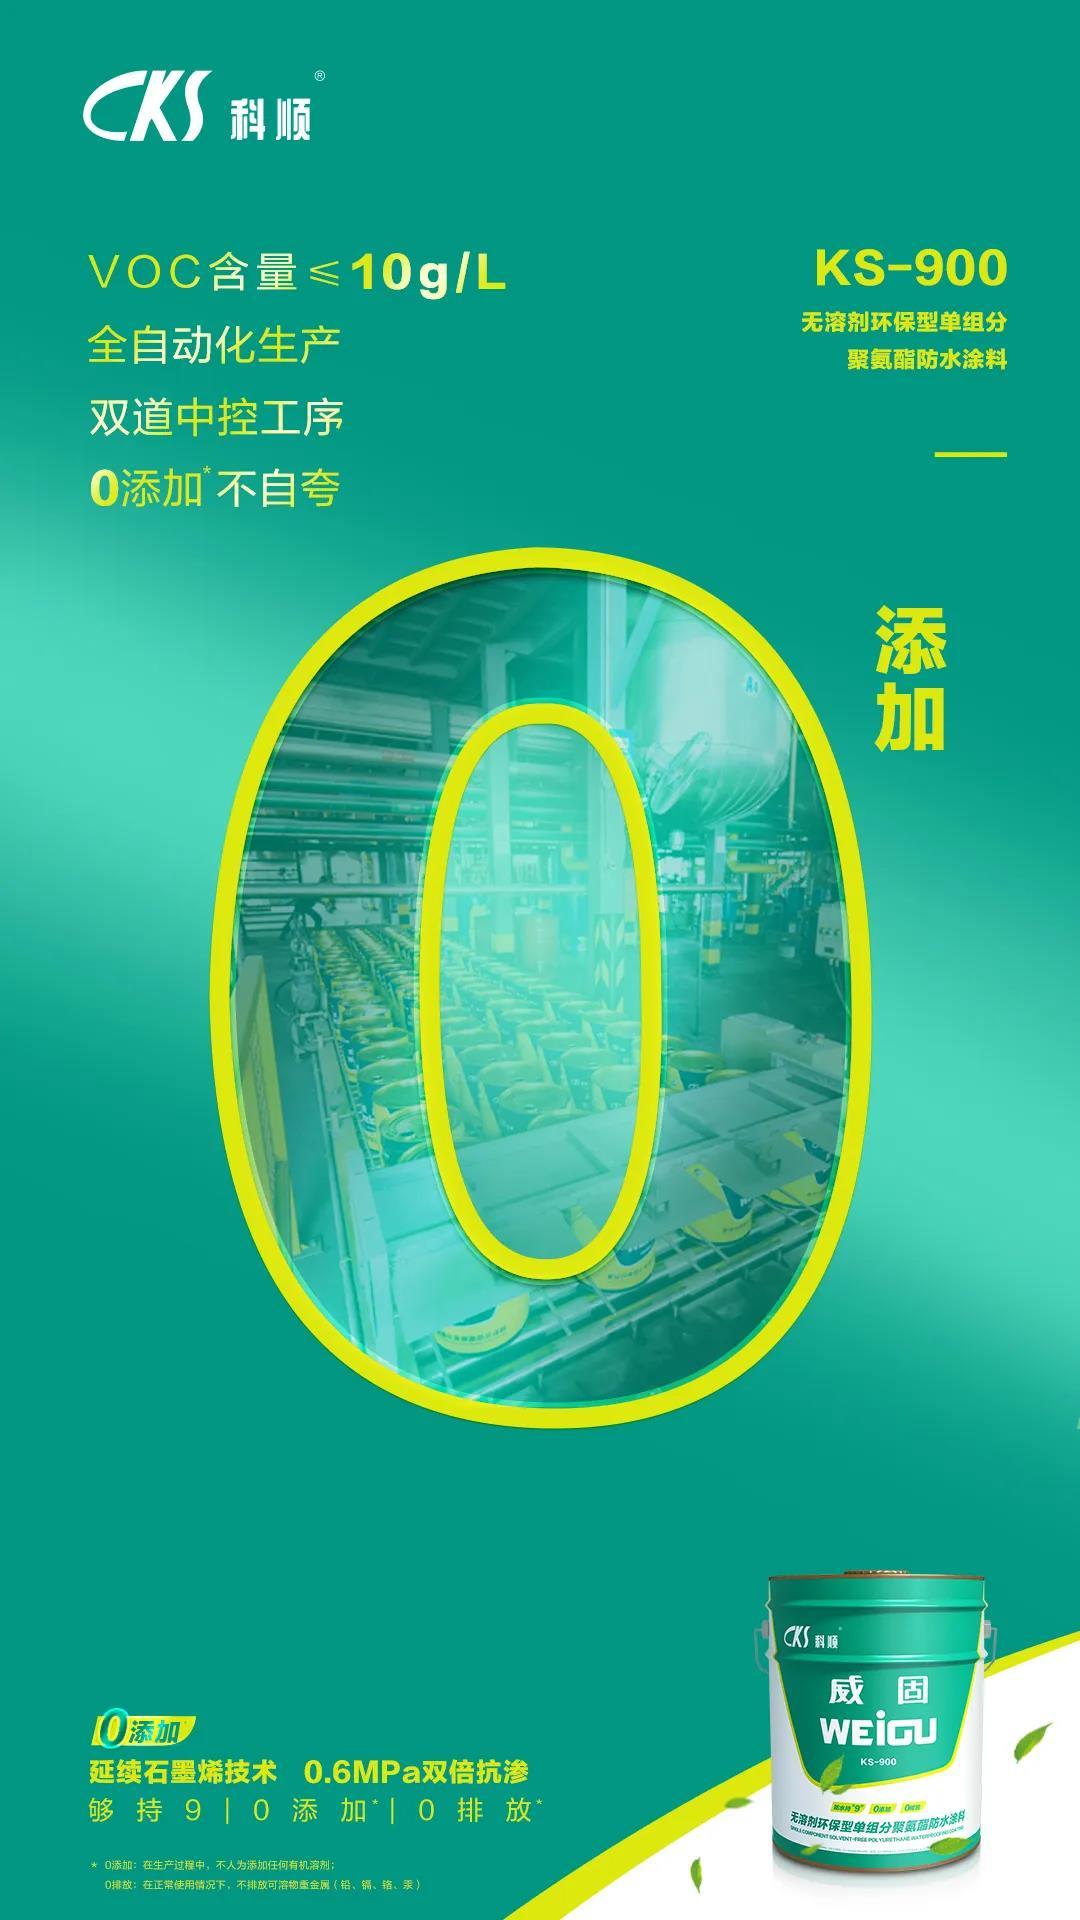 寰俊鍥剧墖_20200522095230.jpg